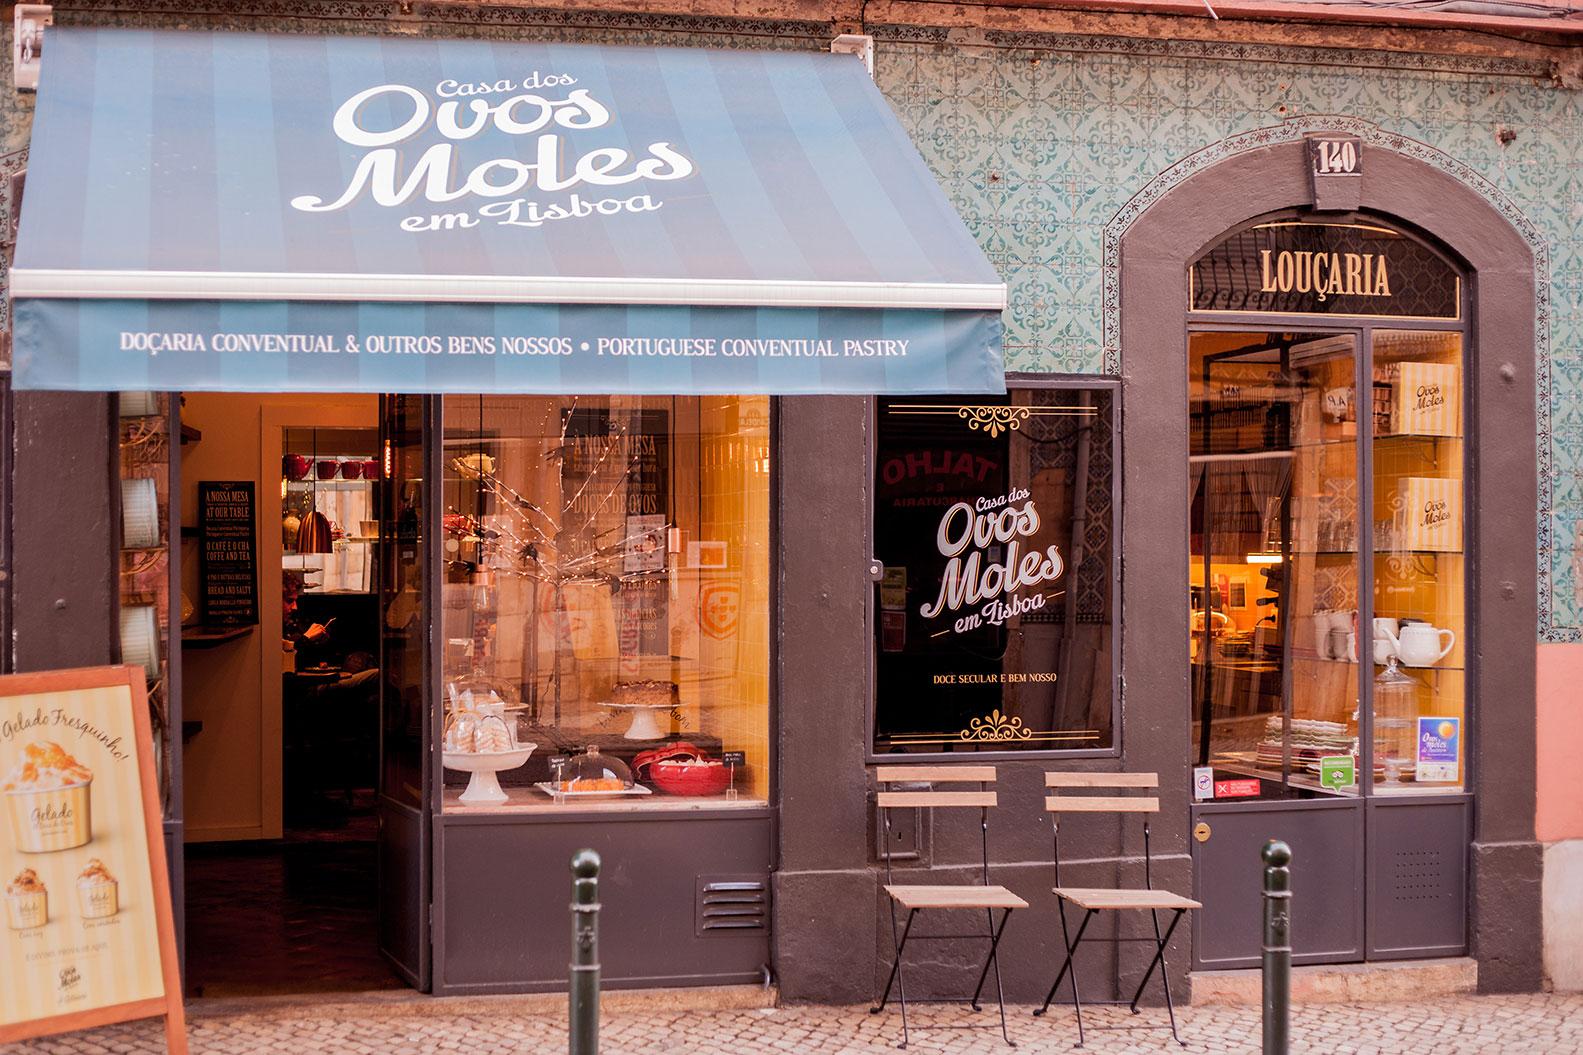 A Casa dos Ovos Moles 2 dicas Viaje Global